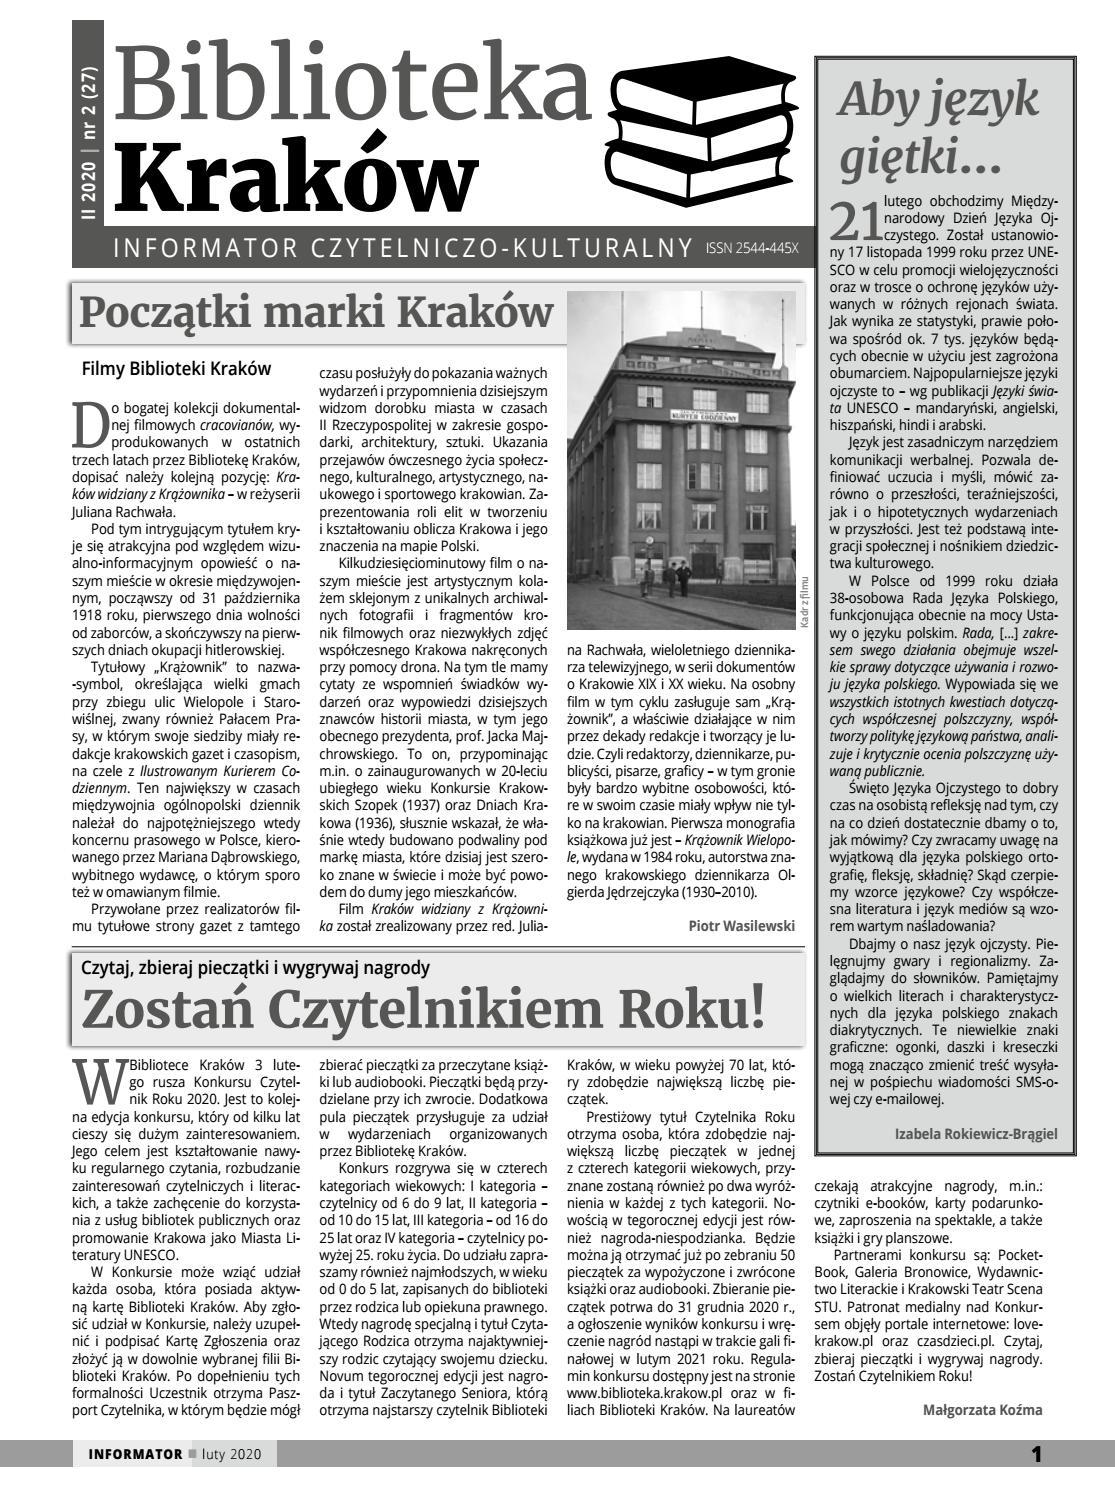 Randka - Machnw - Lubelskie Polska - Ogoszenia kontaktowe